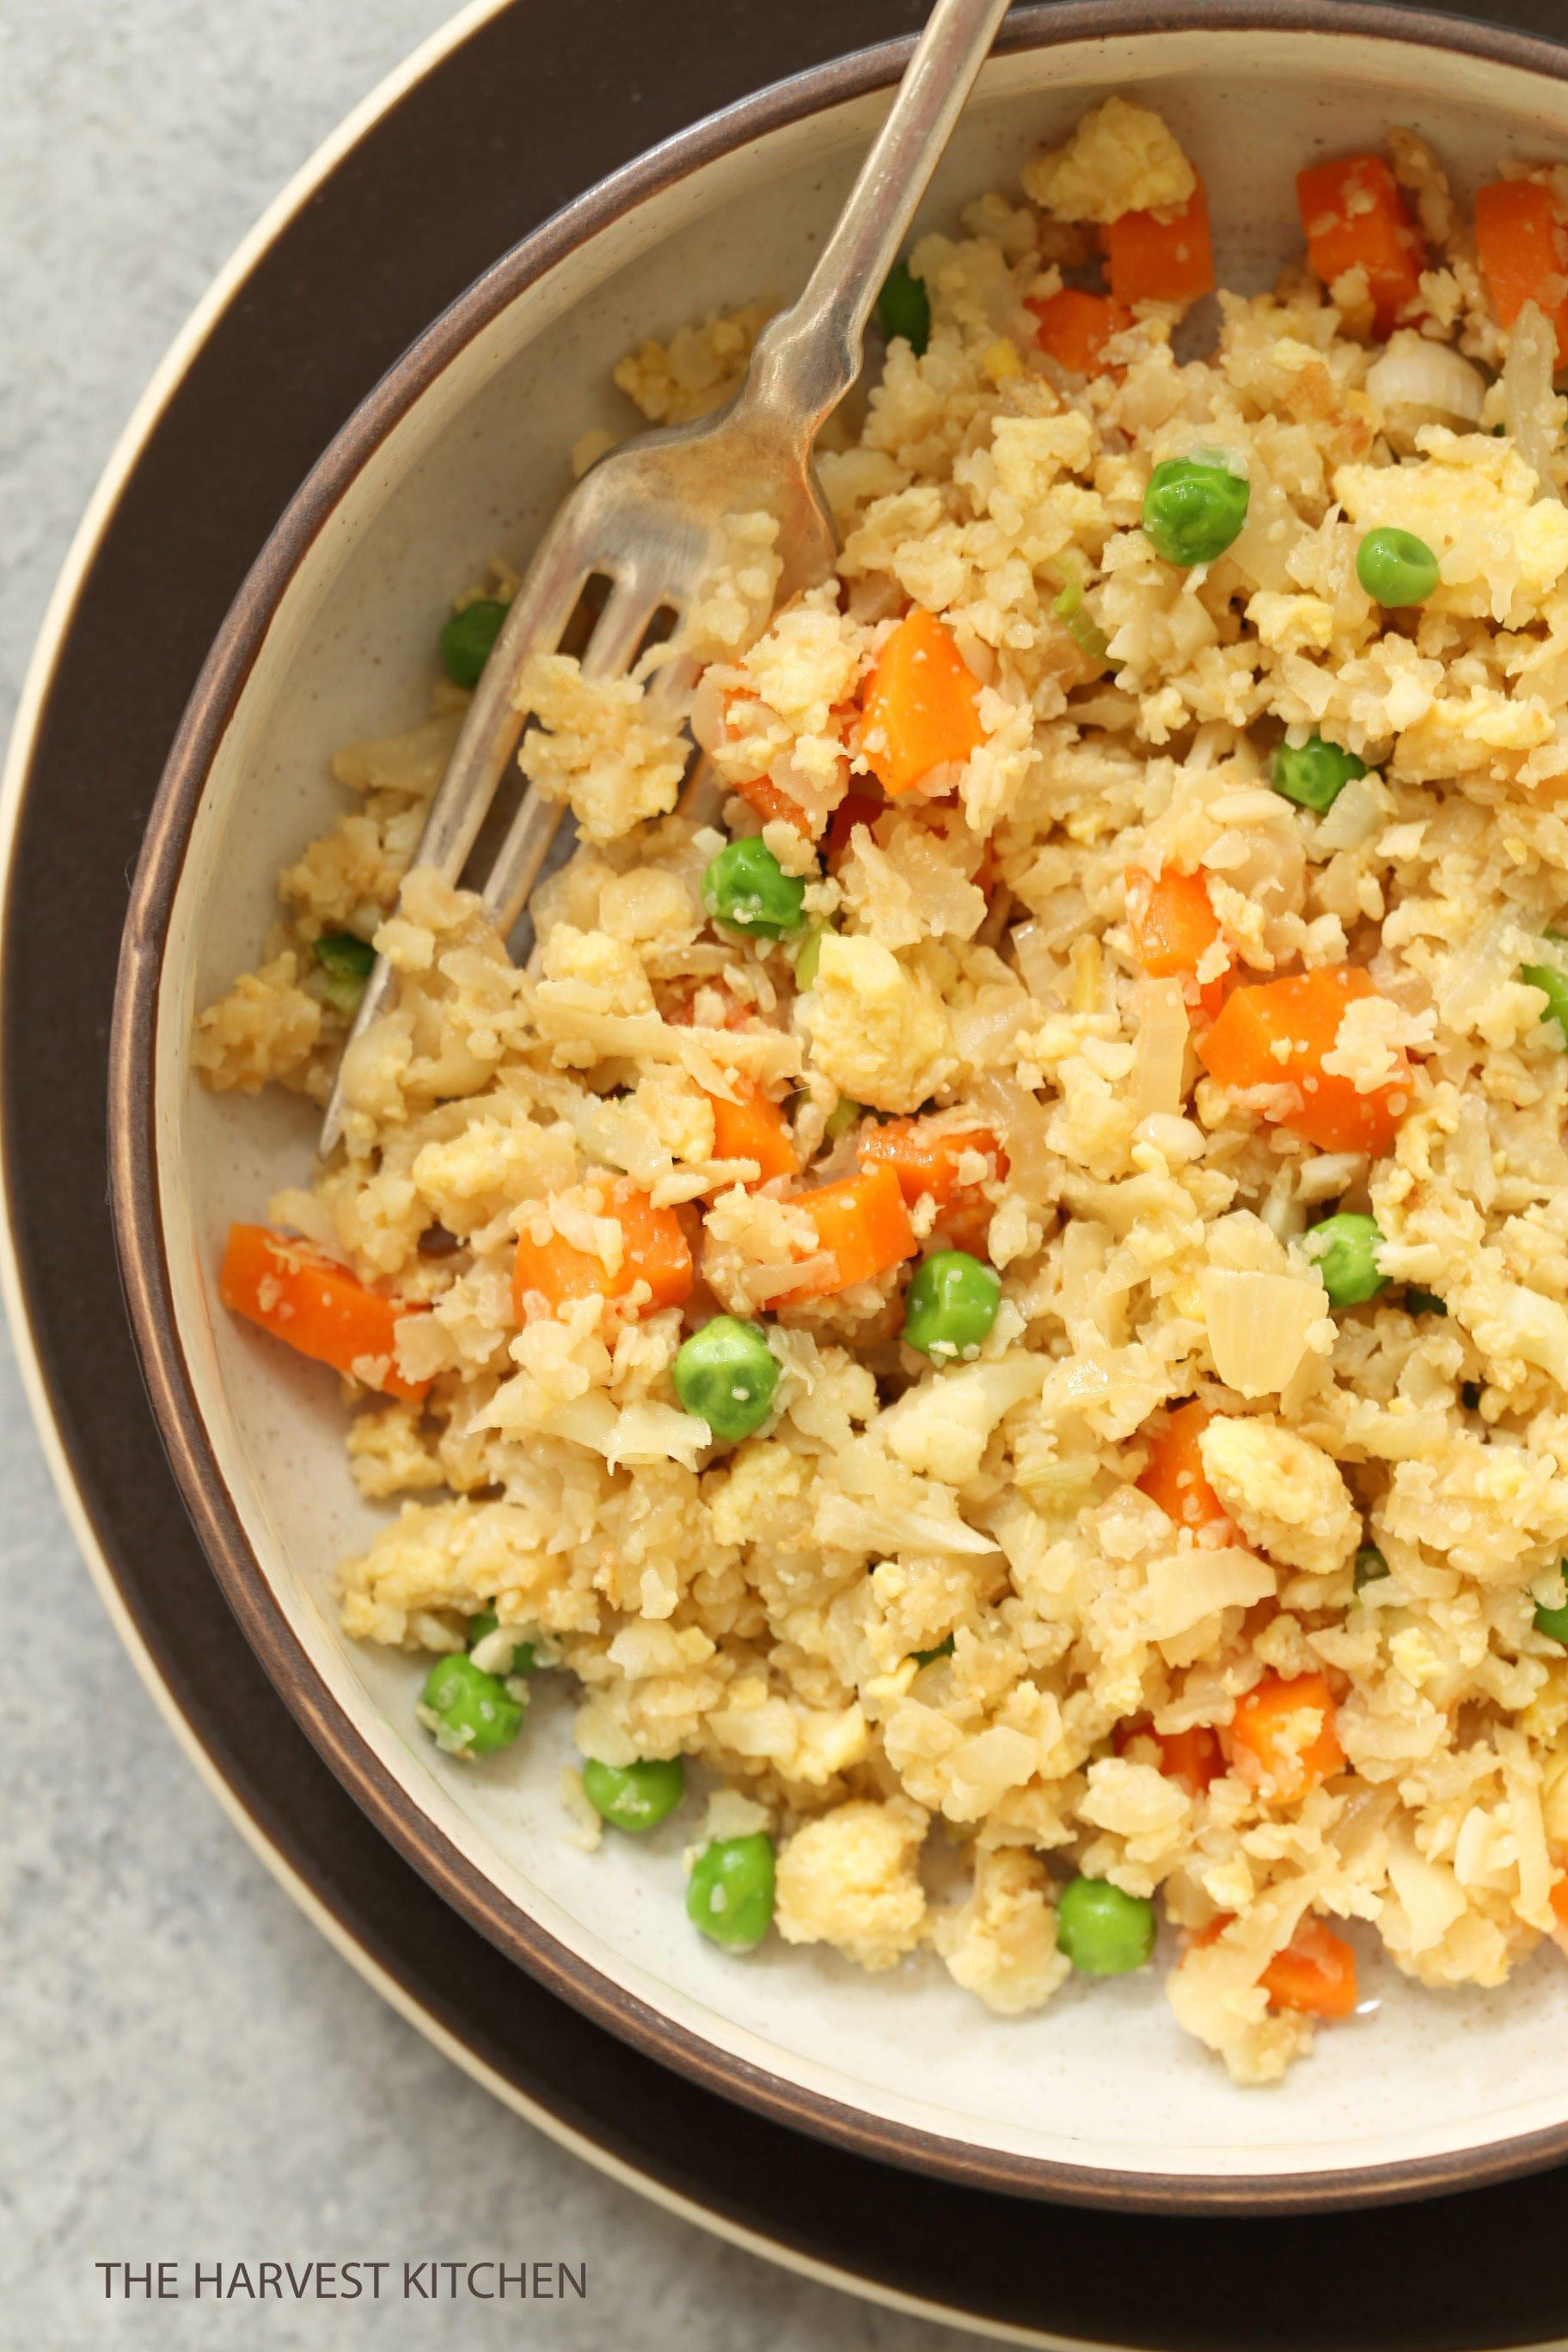 Quick Cauliflower Fried Rice The Harvest Kitchen